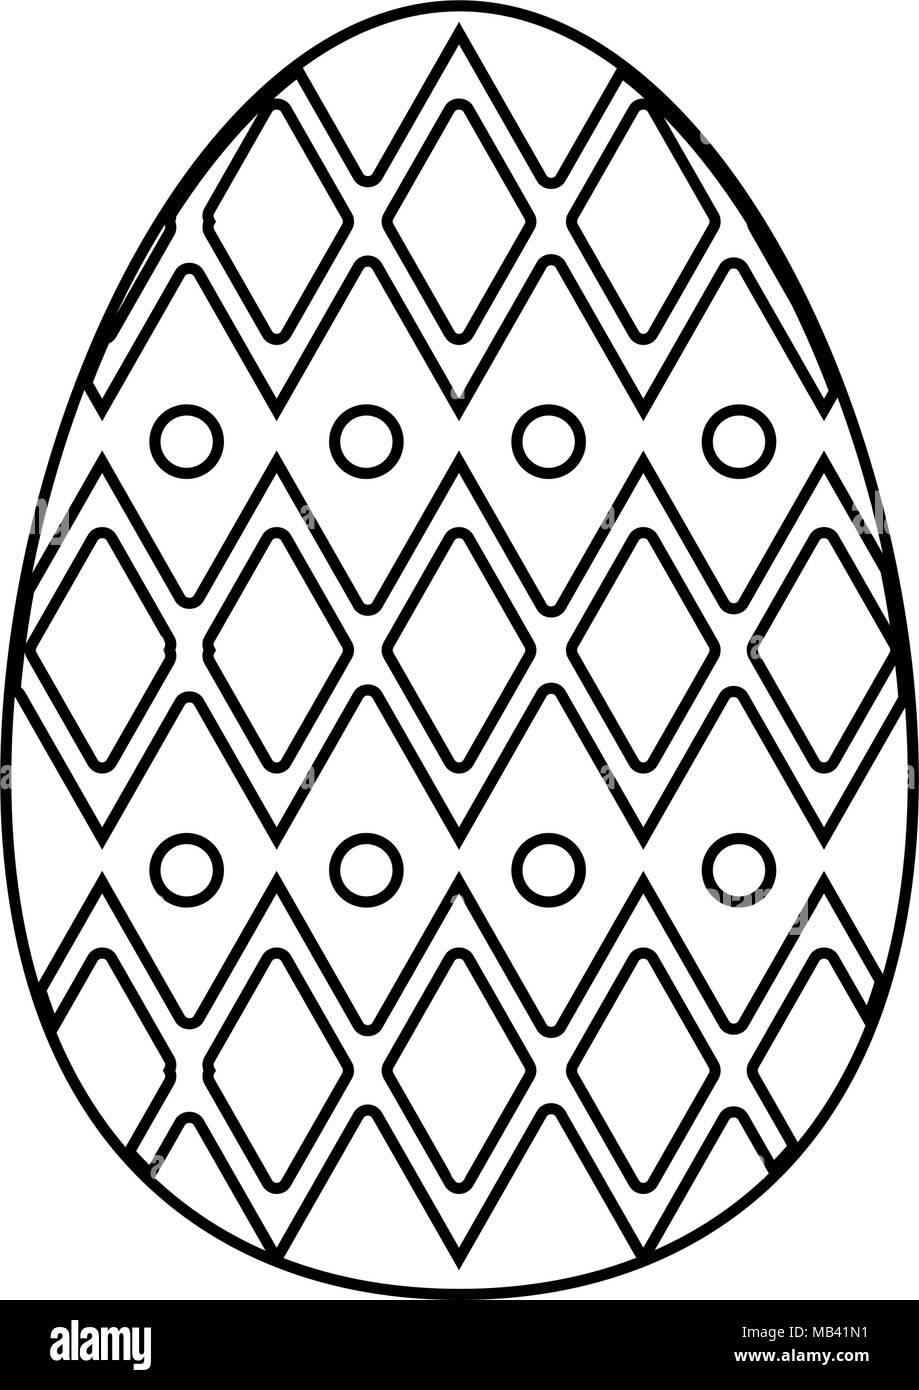 Faberge egg isolated - Stock Image